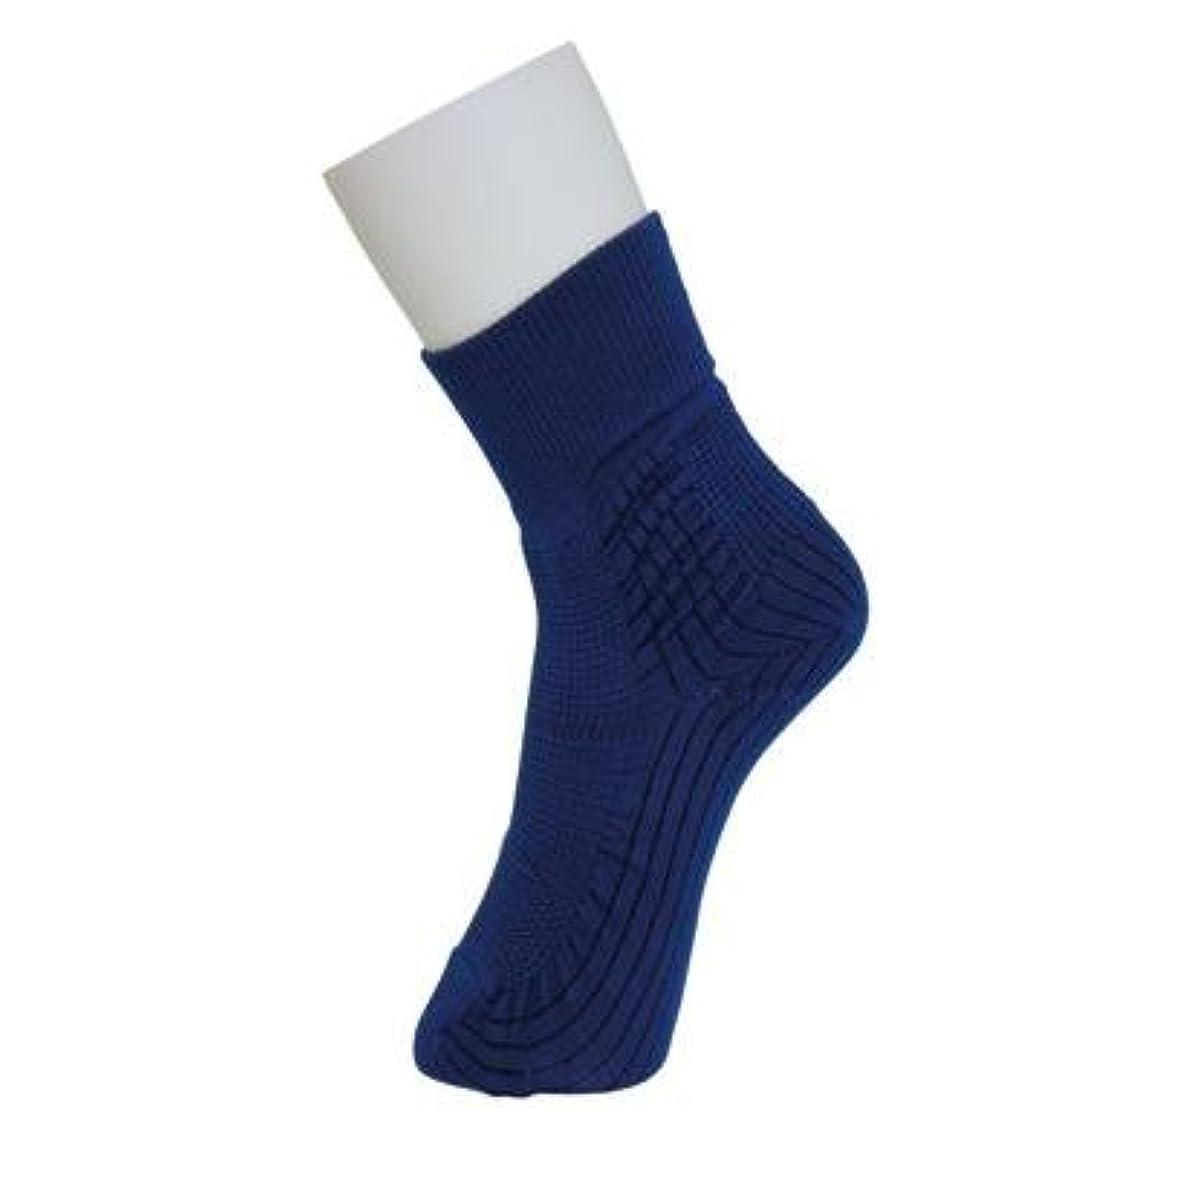 反映するペイント乱雑な転倒予防靴下 アガルーノ 紺(24cm?25cm)